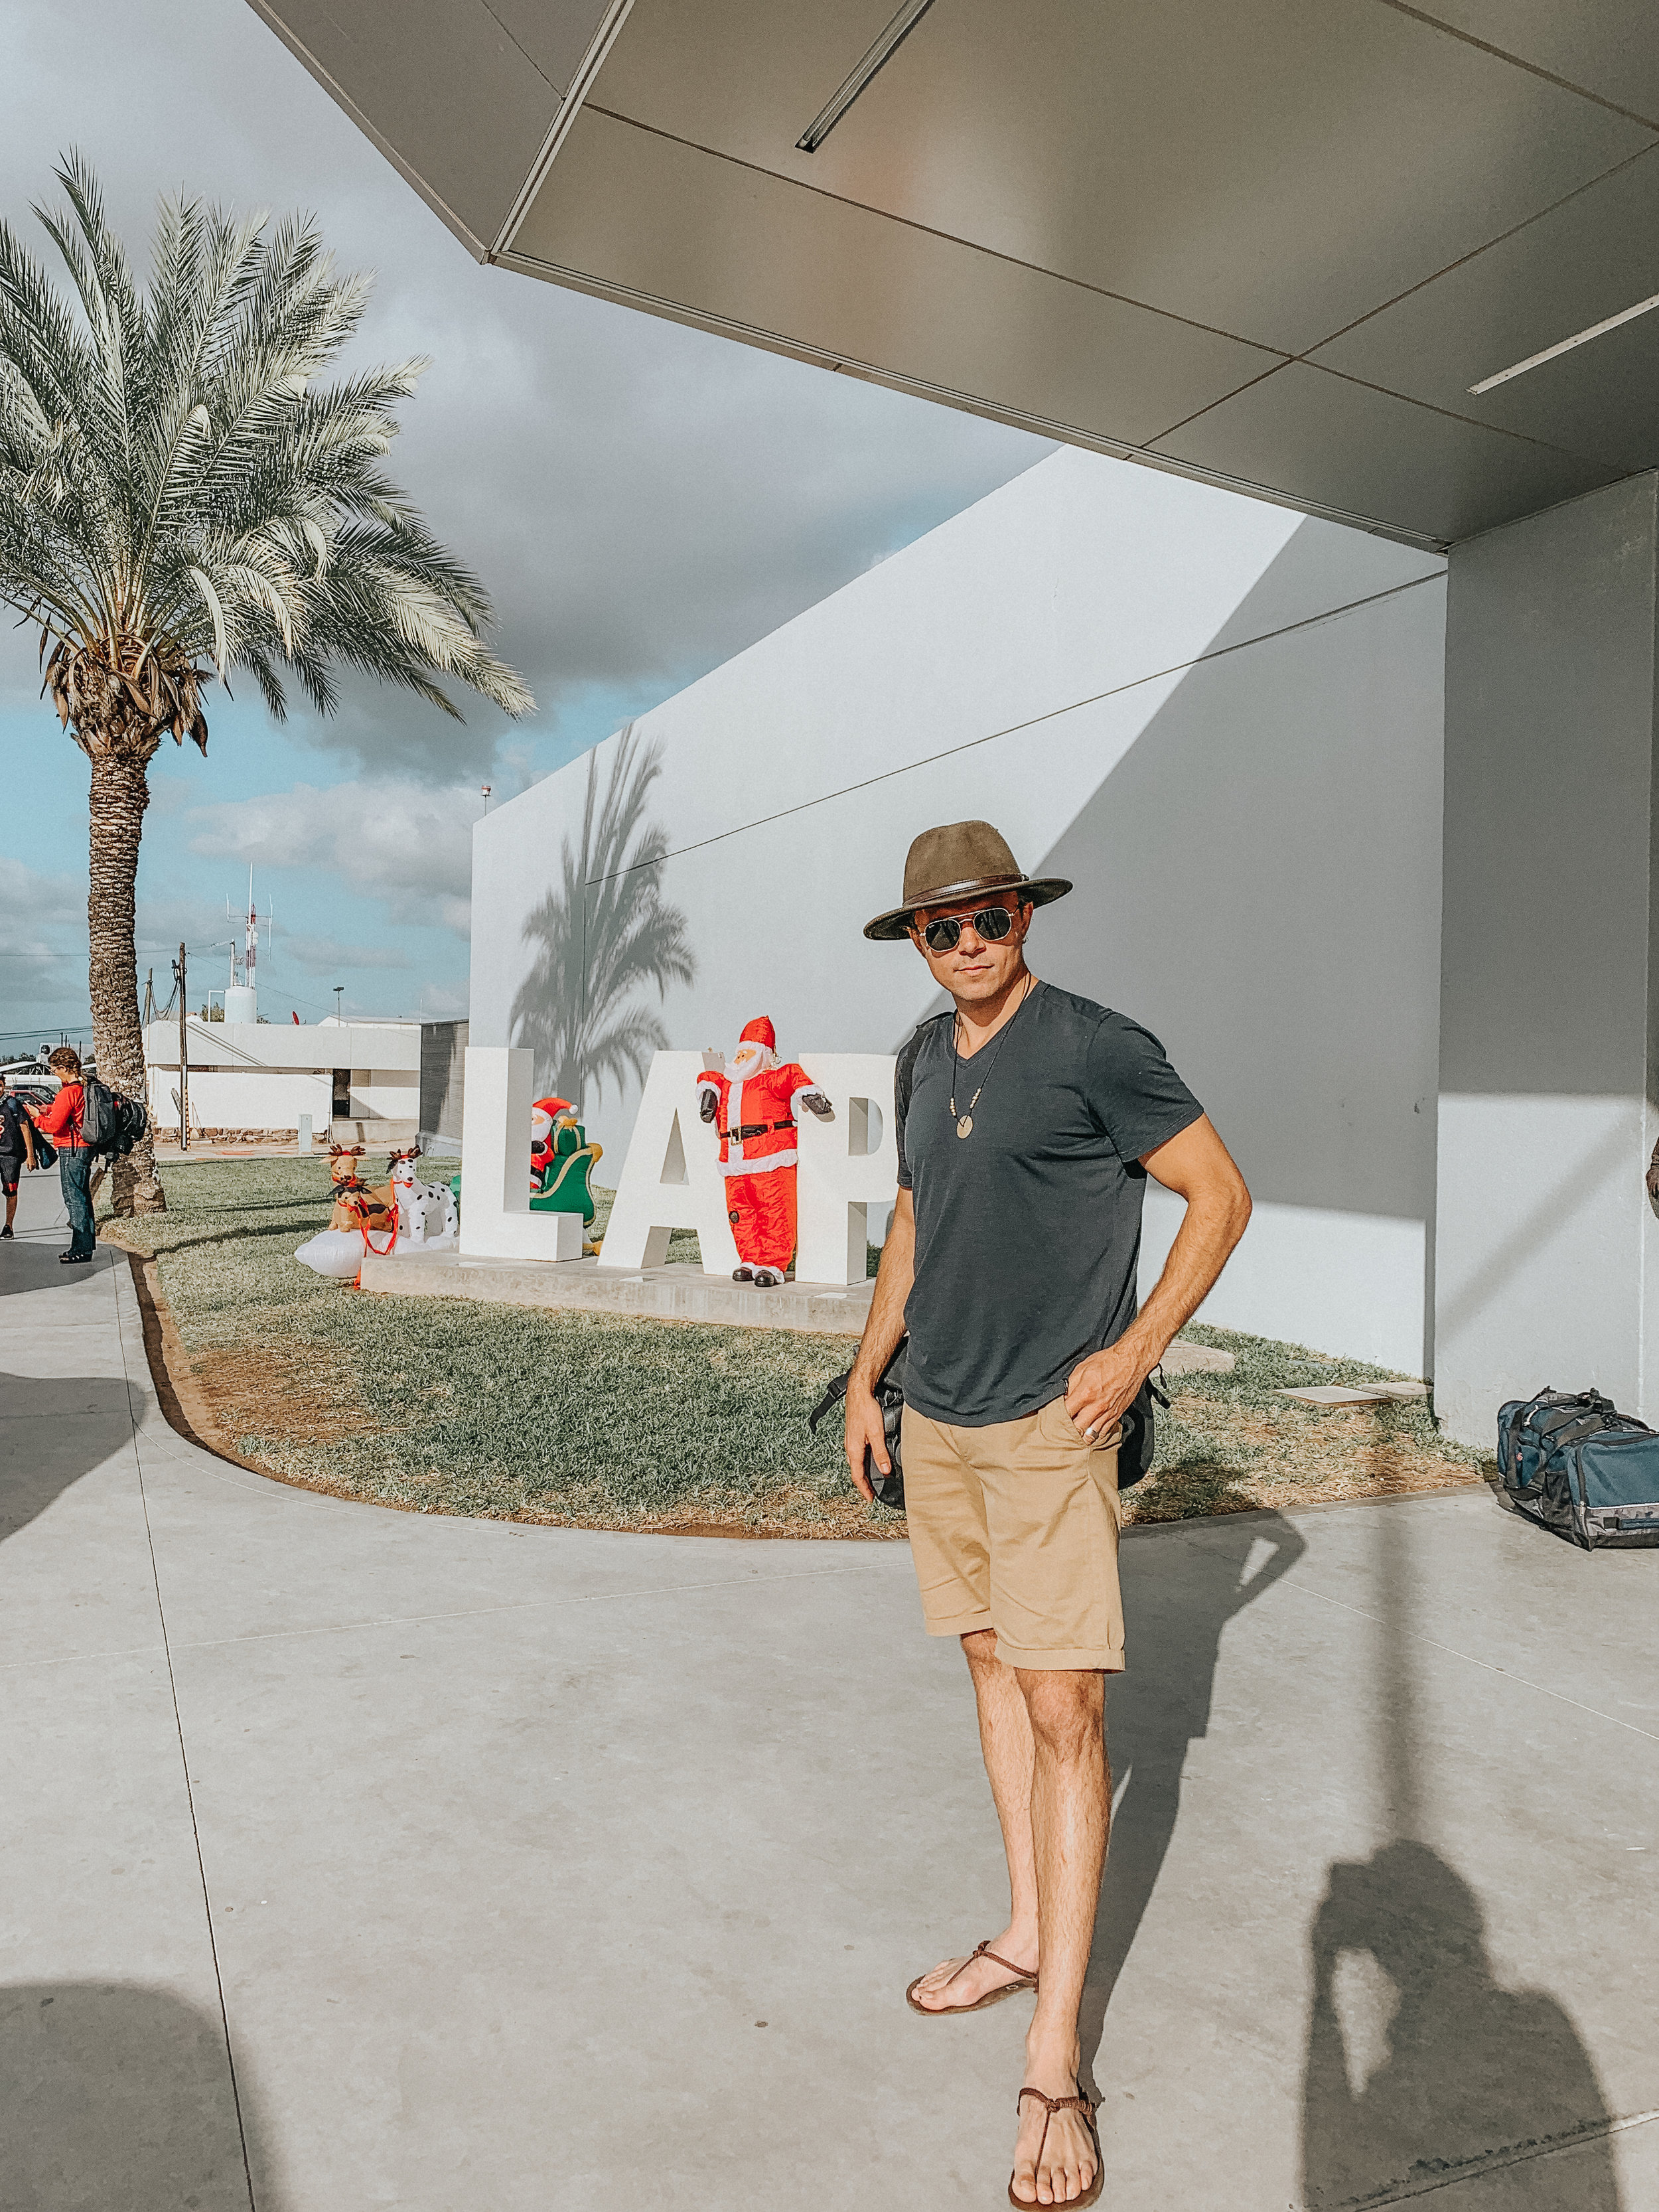 Josh, Santa, and my shadow at the La Paz airport.